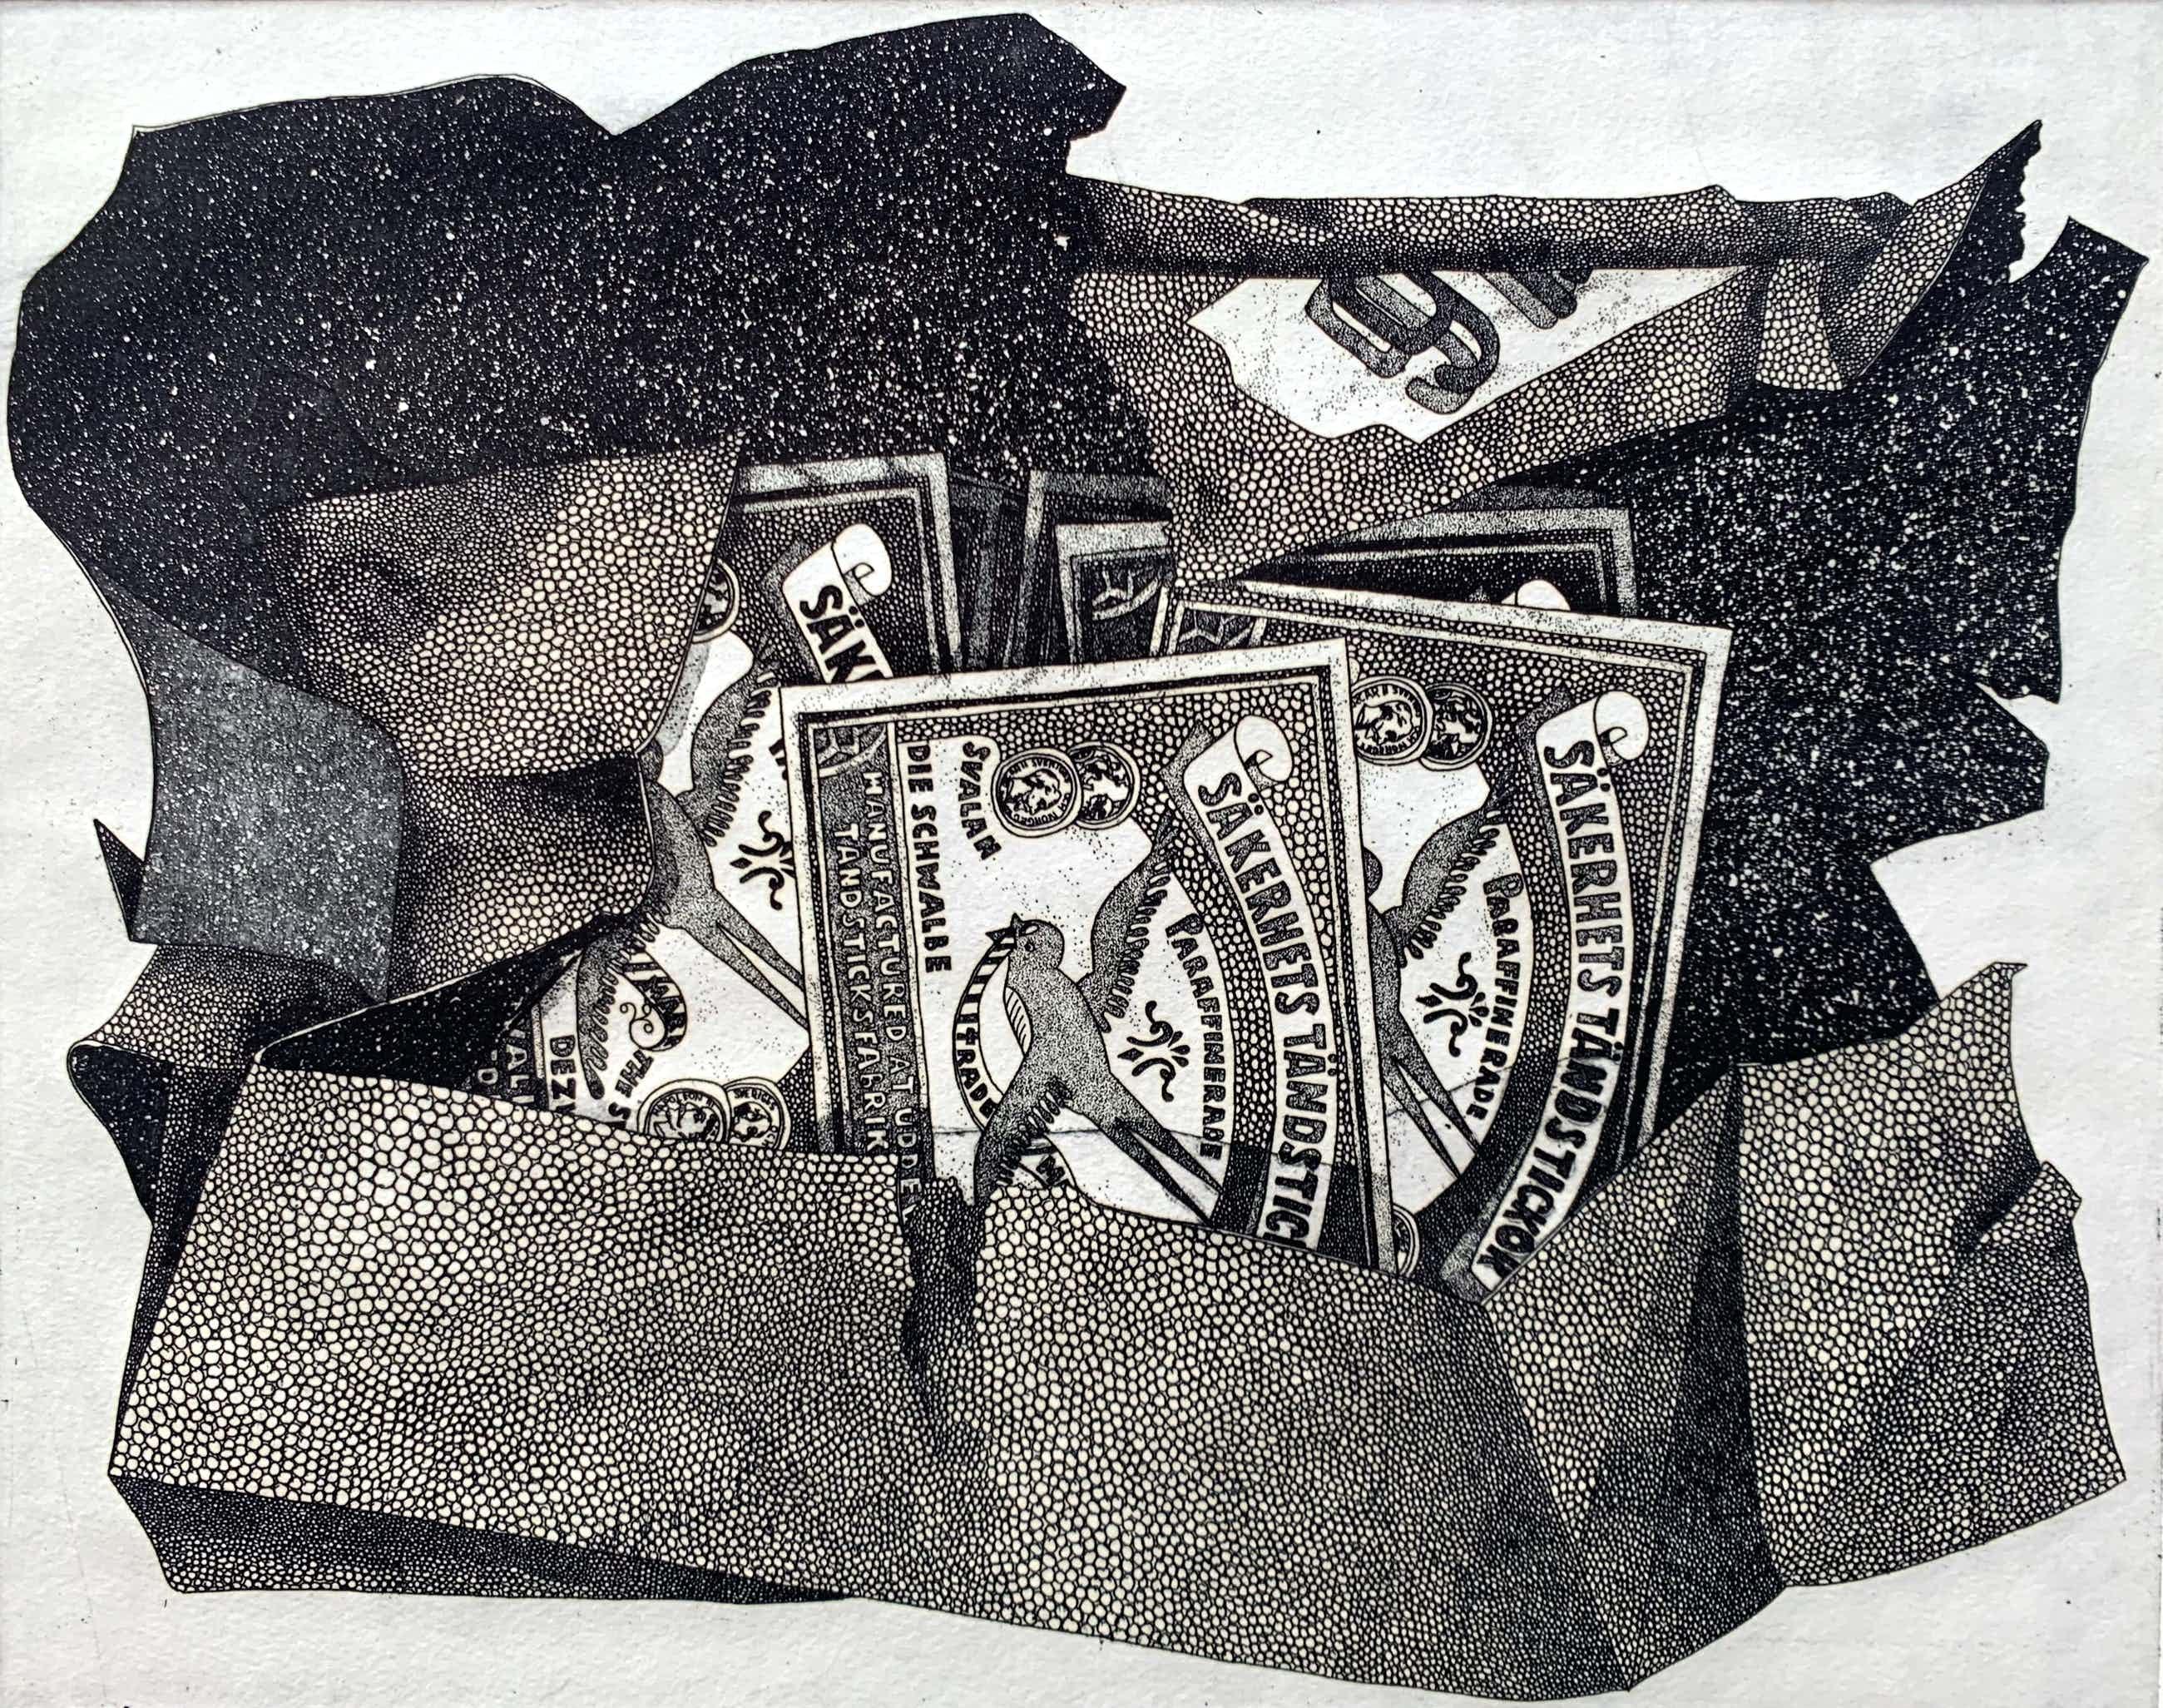 Henny van de Nieuwenhof - ets - 'Lucifers' - 1974 kopen? Bied vanaf 60!